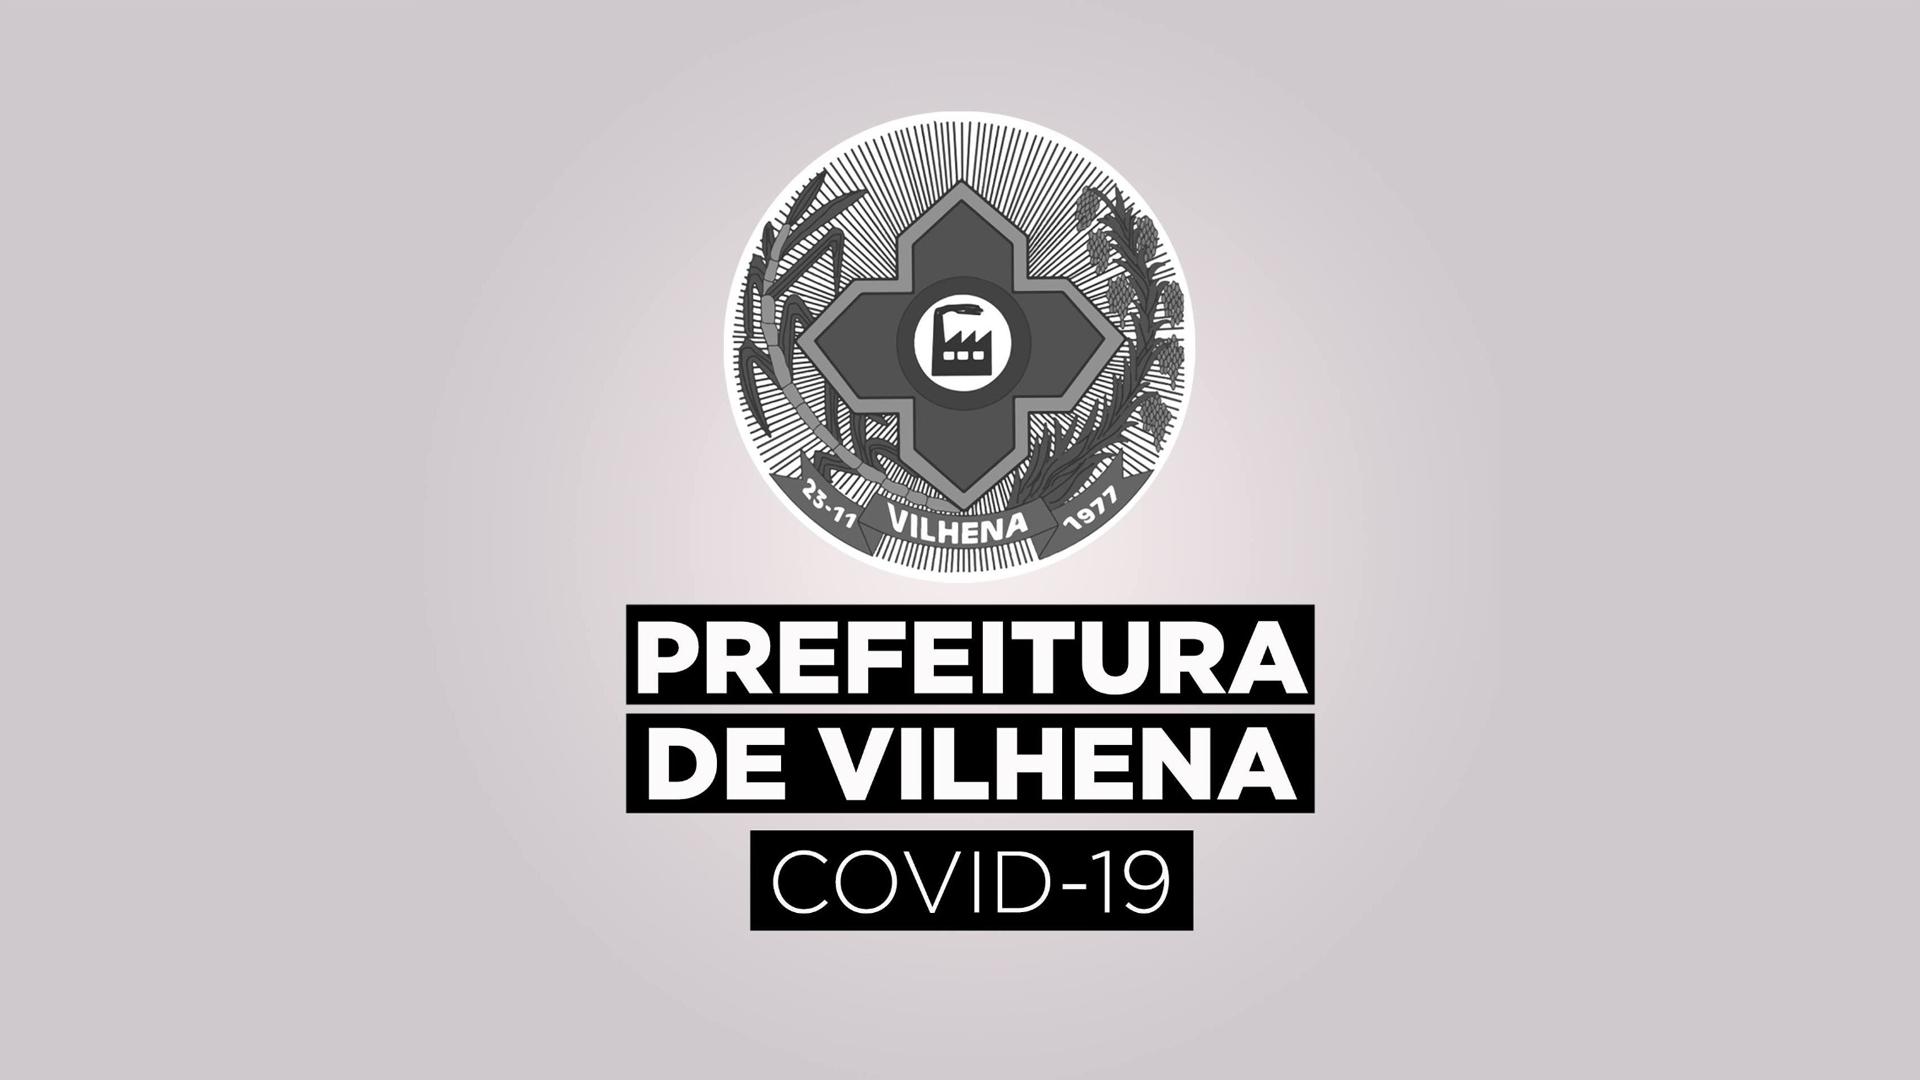 BOLETIM PMV Nº 181 - 12/09/20 - CORONAVÍRUS (COVID-19)